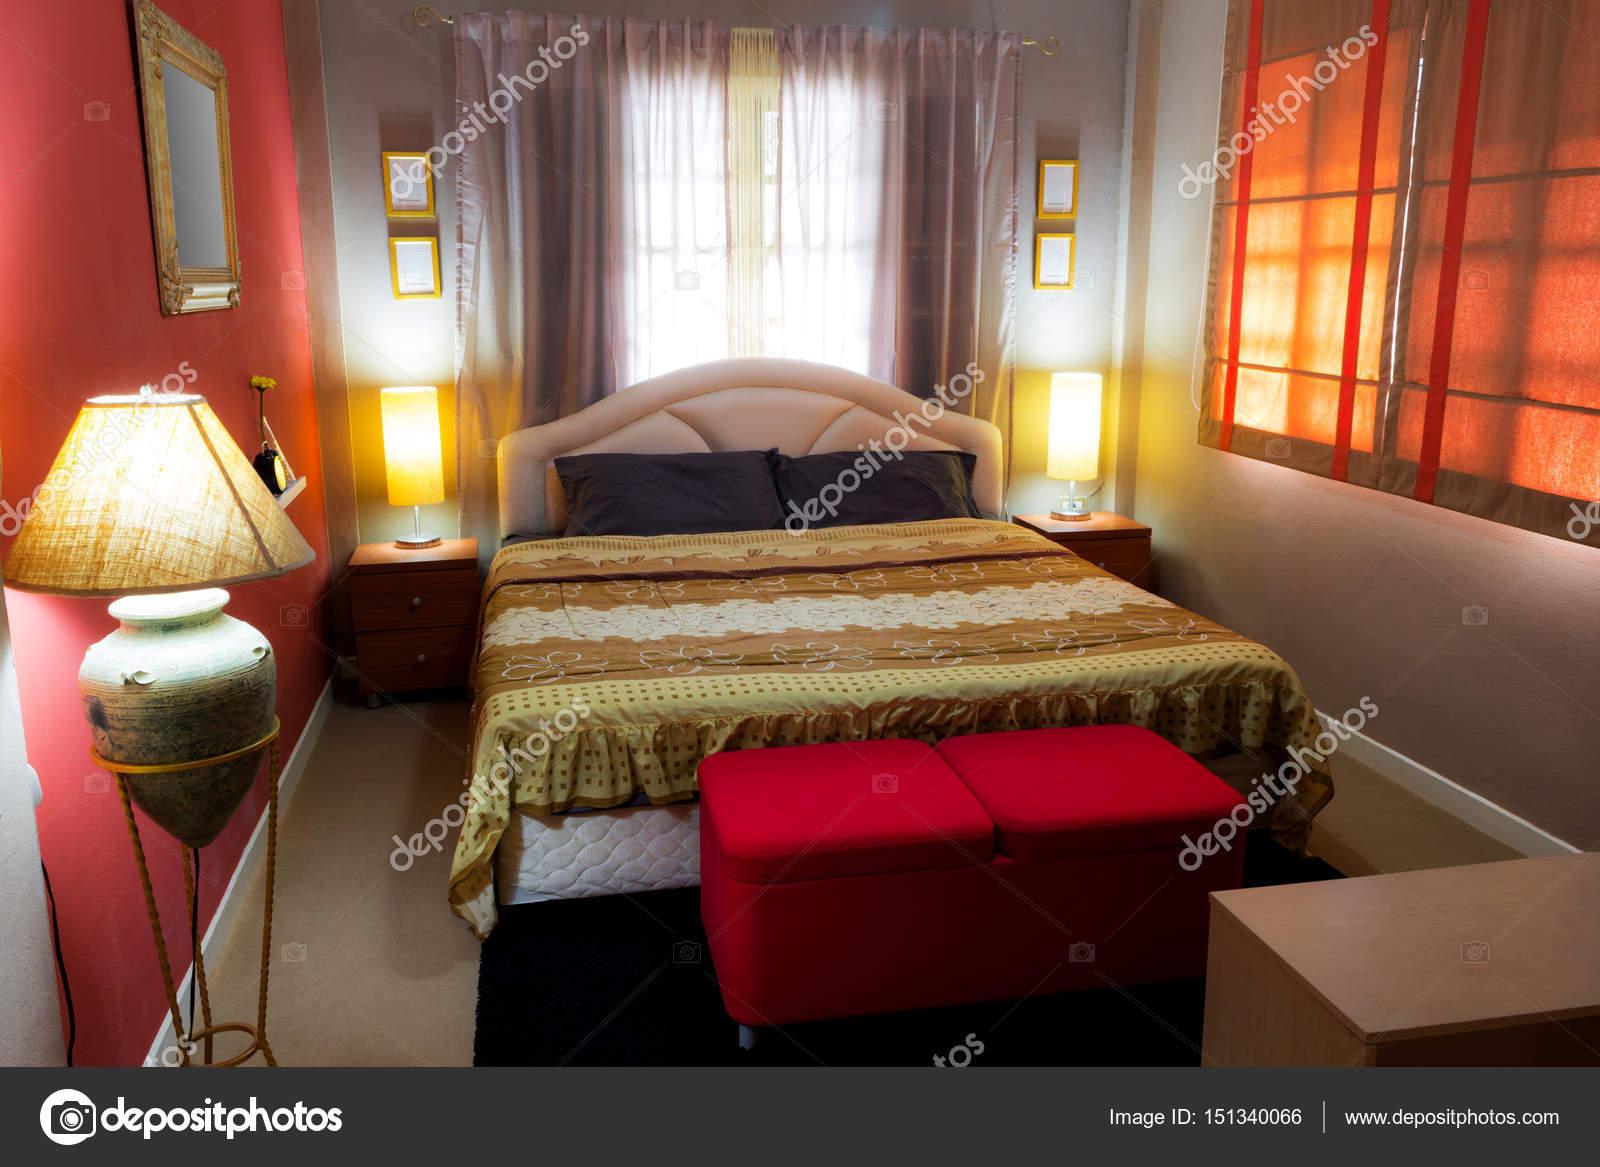 Schönen Braunen Schlafzimmer, Asiatischen Zeitgenössischen Stil Und  Gemütlichen Wohnzimmer Interieur U2014 Stockfoto